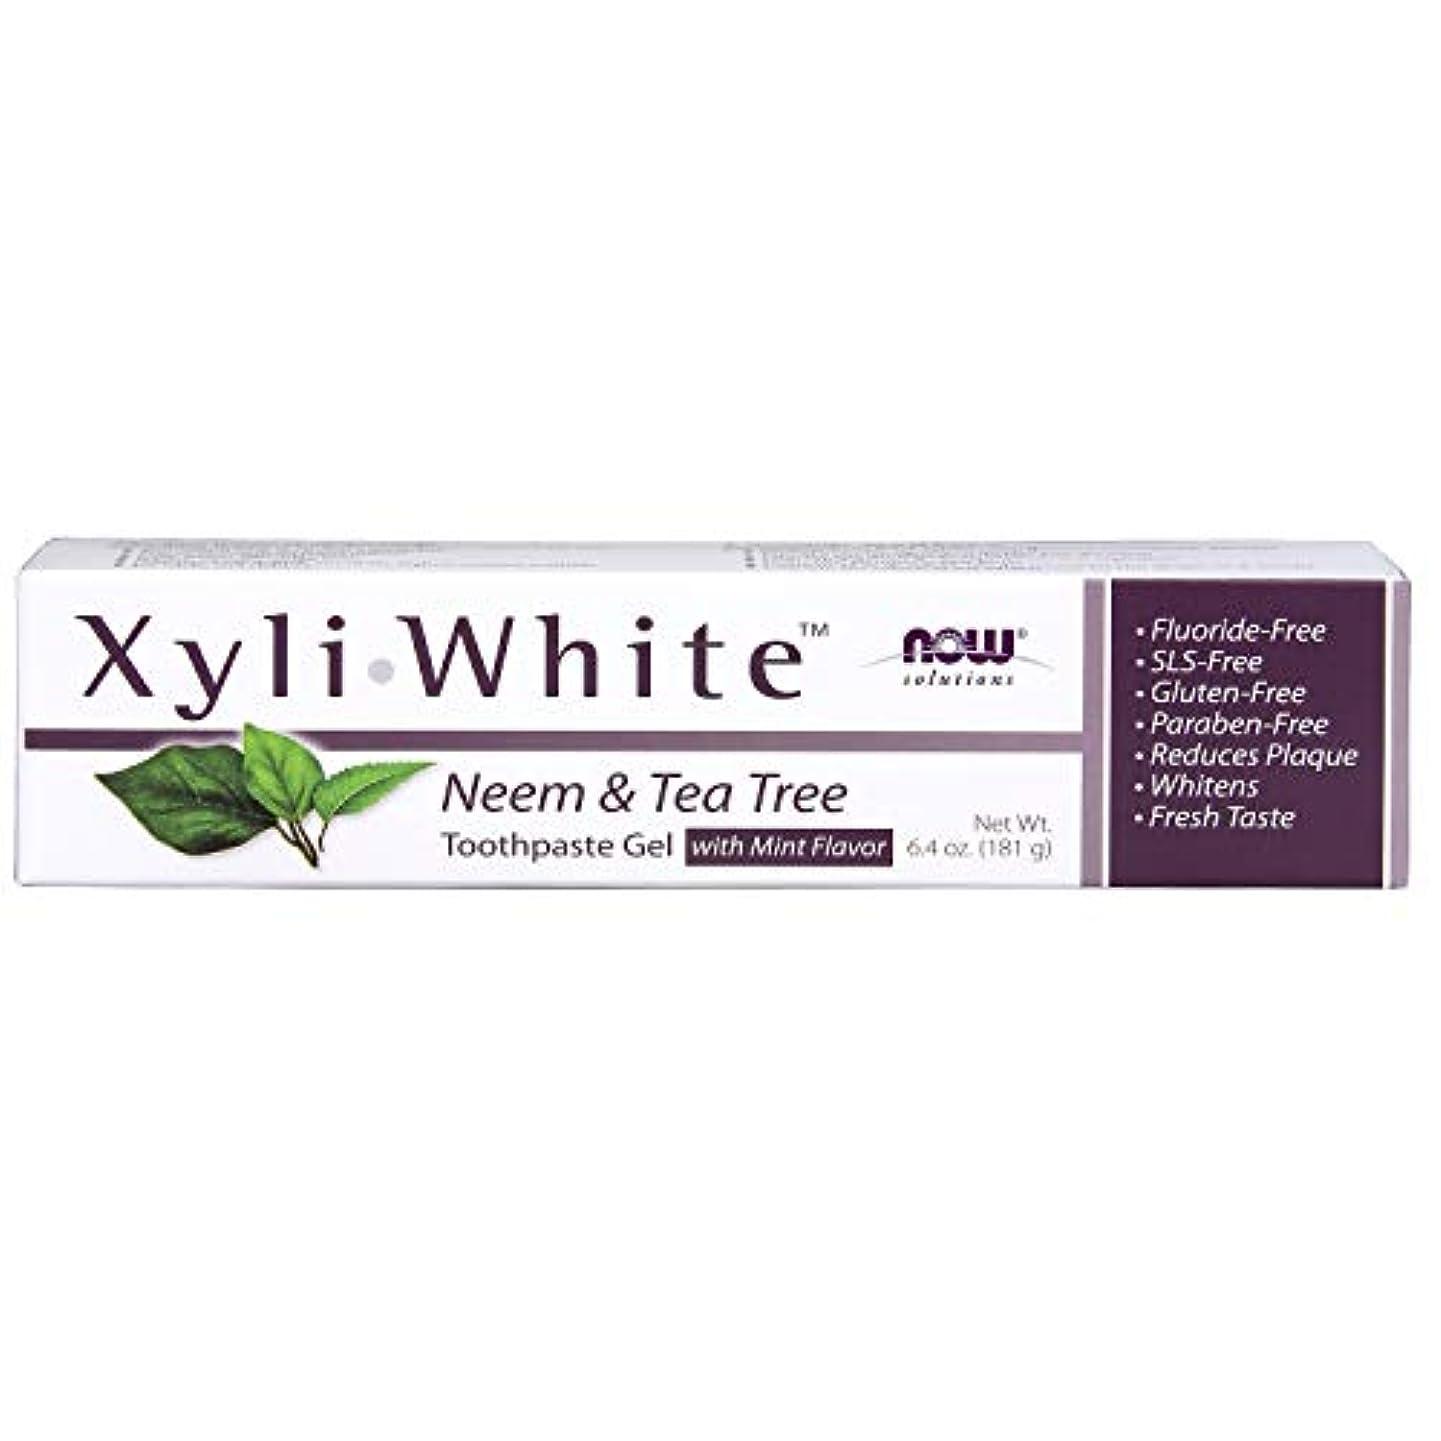 いとこ批判的に普通にキシリトール 歯磨きジェル  ニーム&ティーツリーミントフレーバー 6.4 oz (181 g)